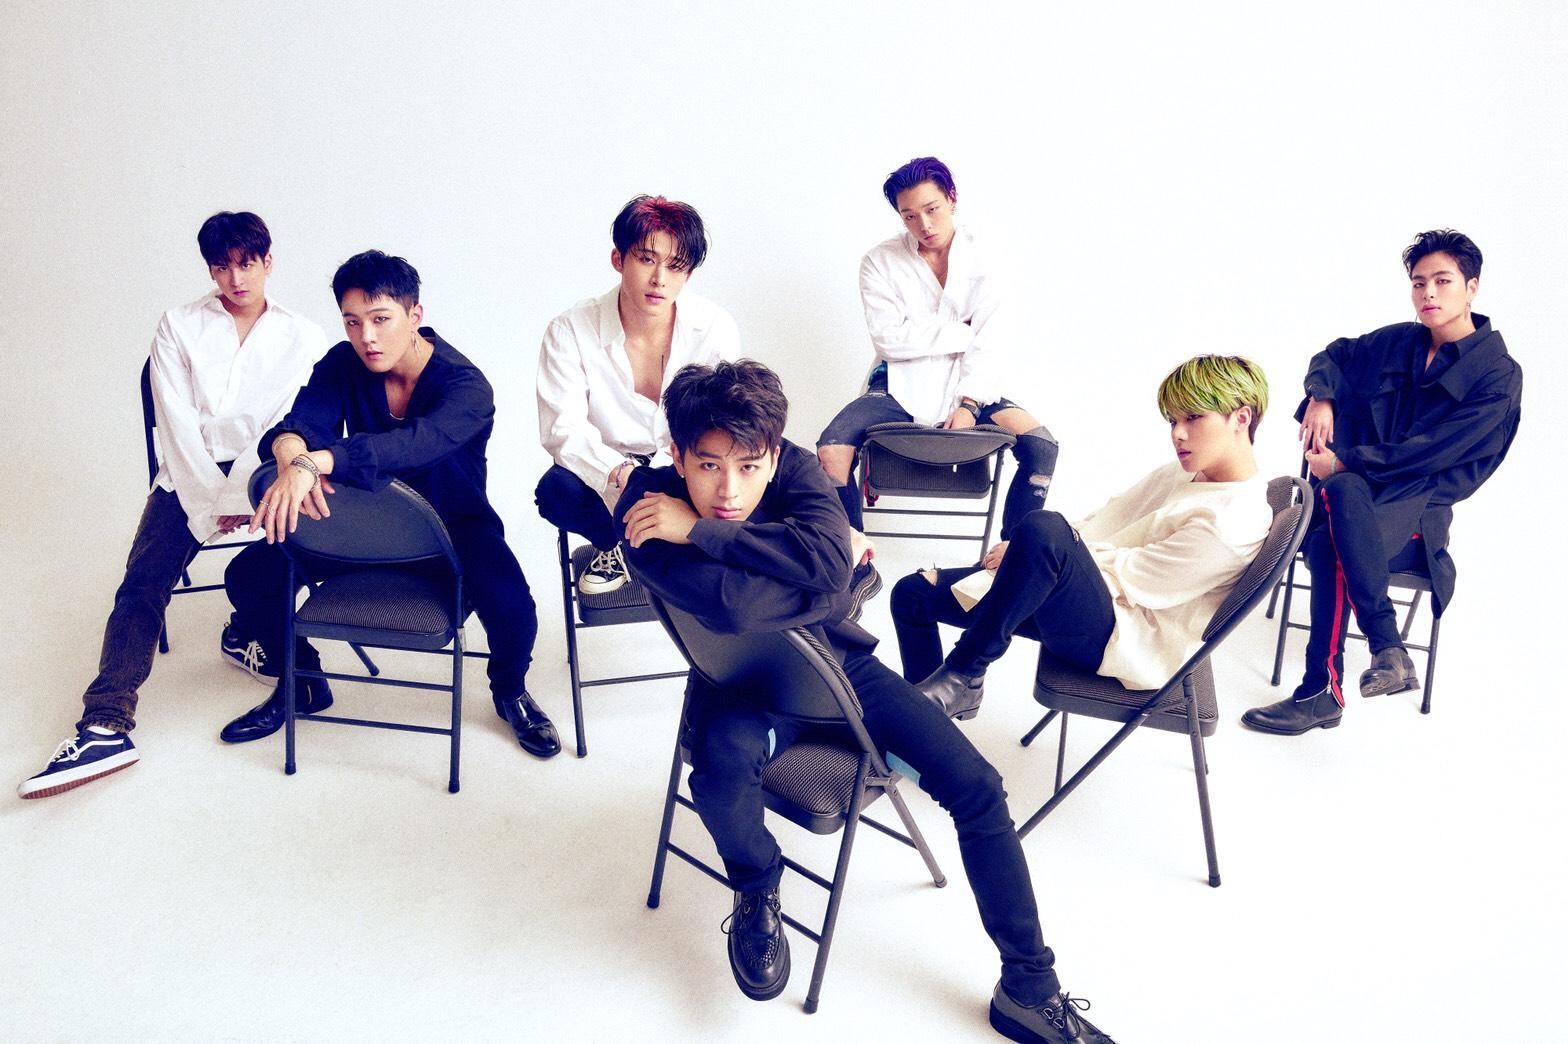 '히트곡 행진' 아이콘, 오는 11월 '2018 Asia Artist Awards' 참석 확정